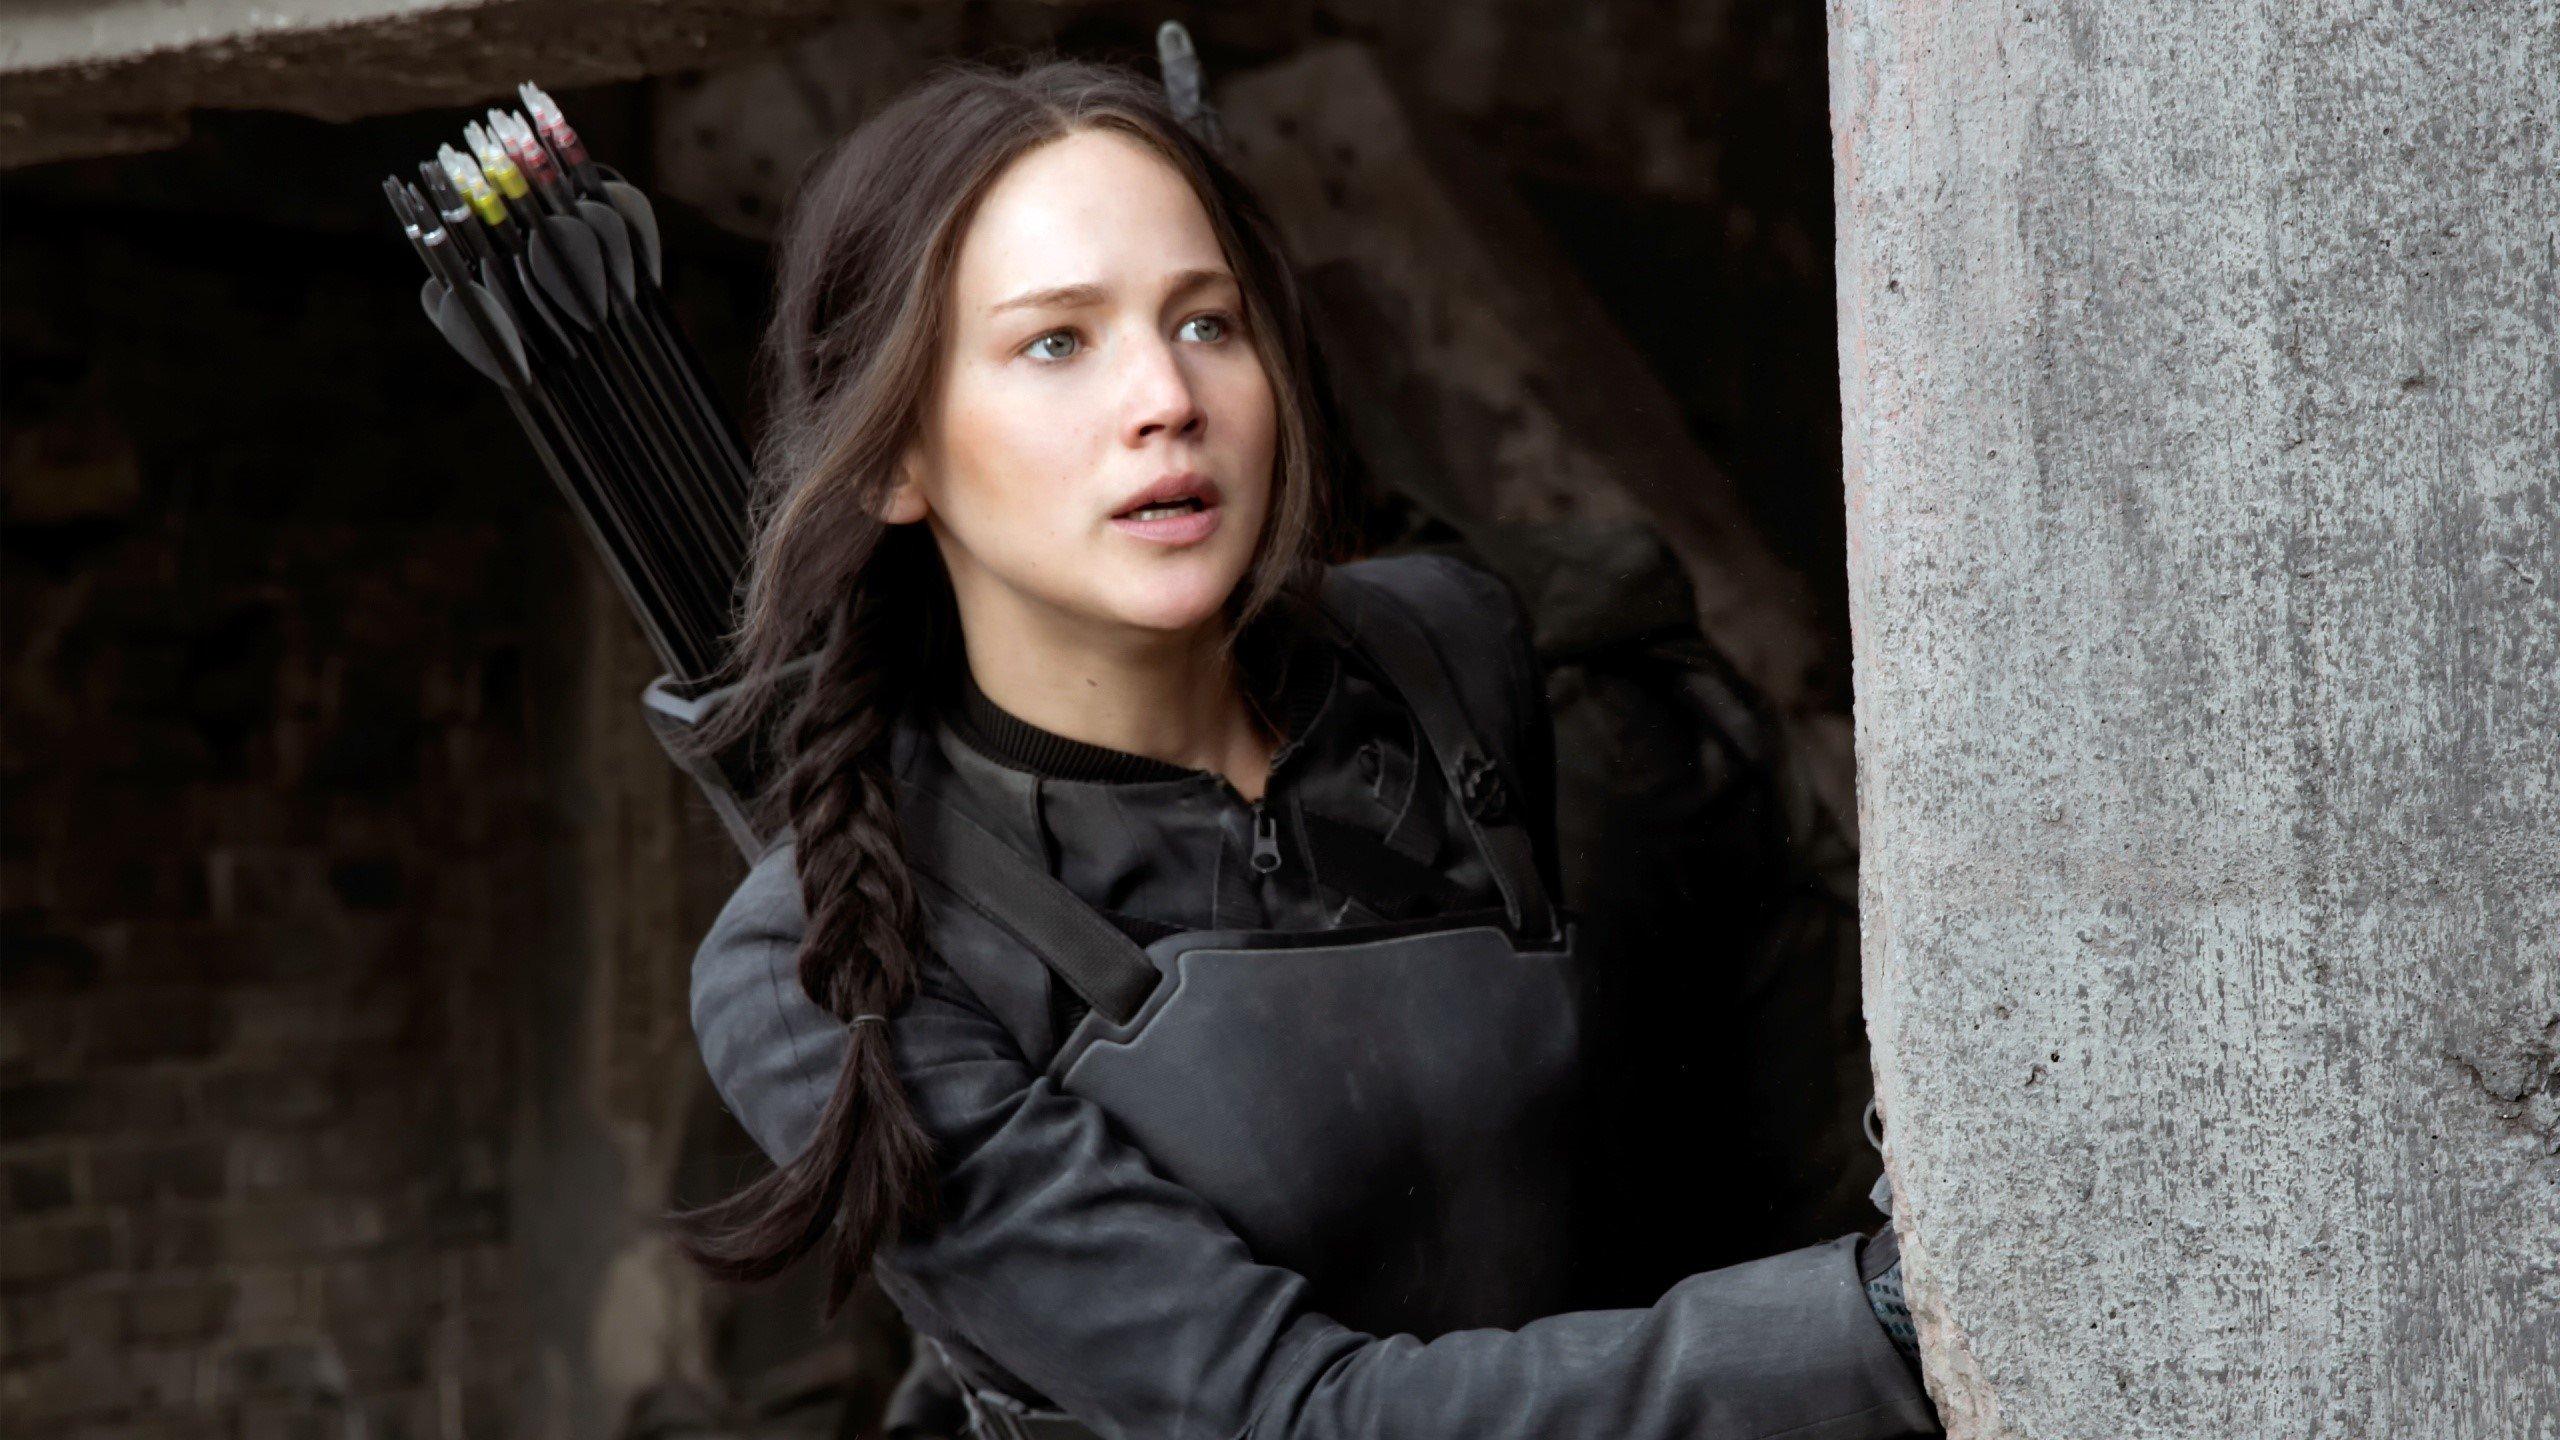 Fondos de pantalla Katniss escondiéndose en Sinsajo